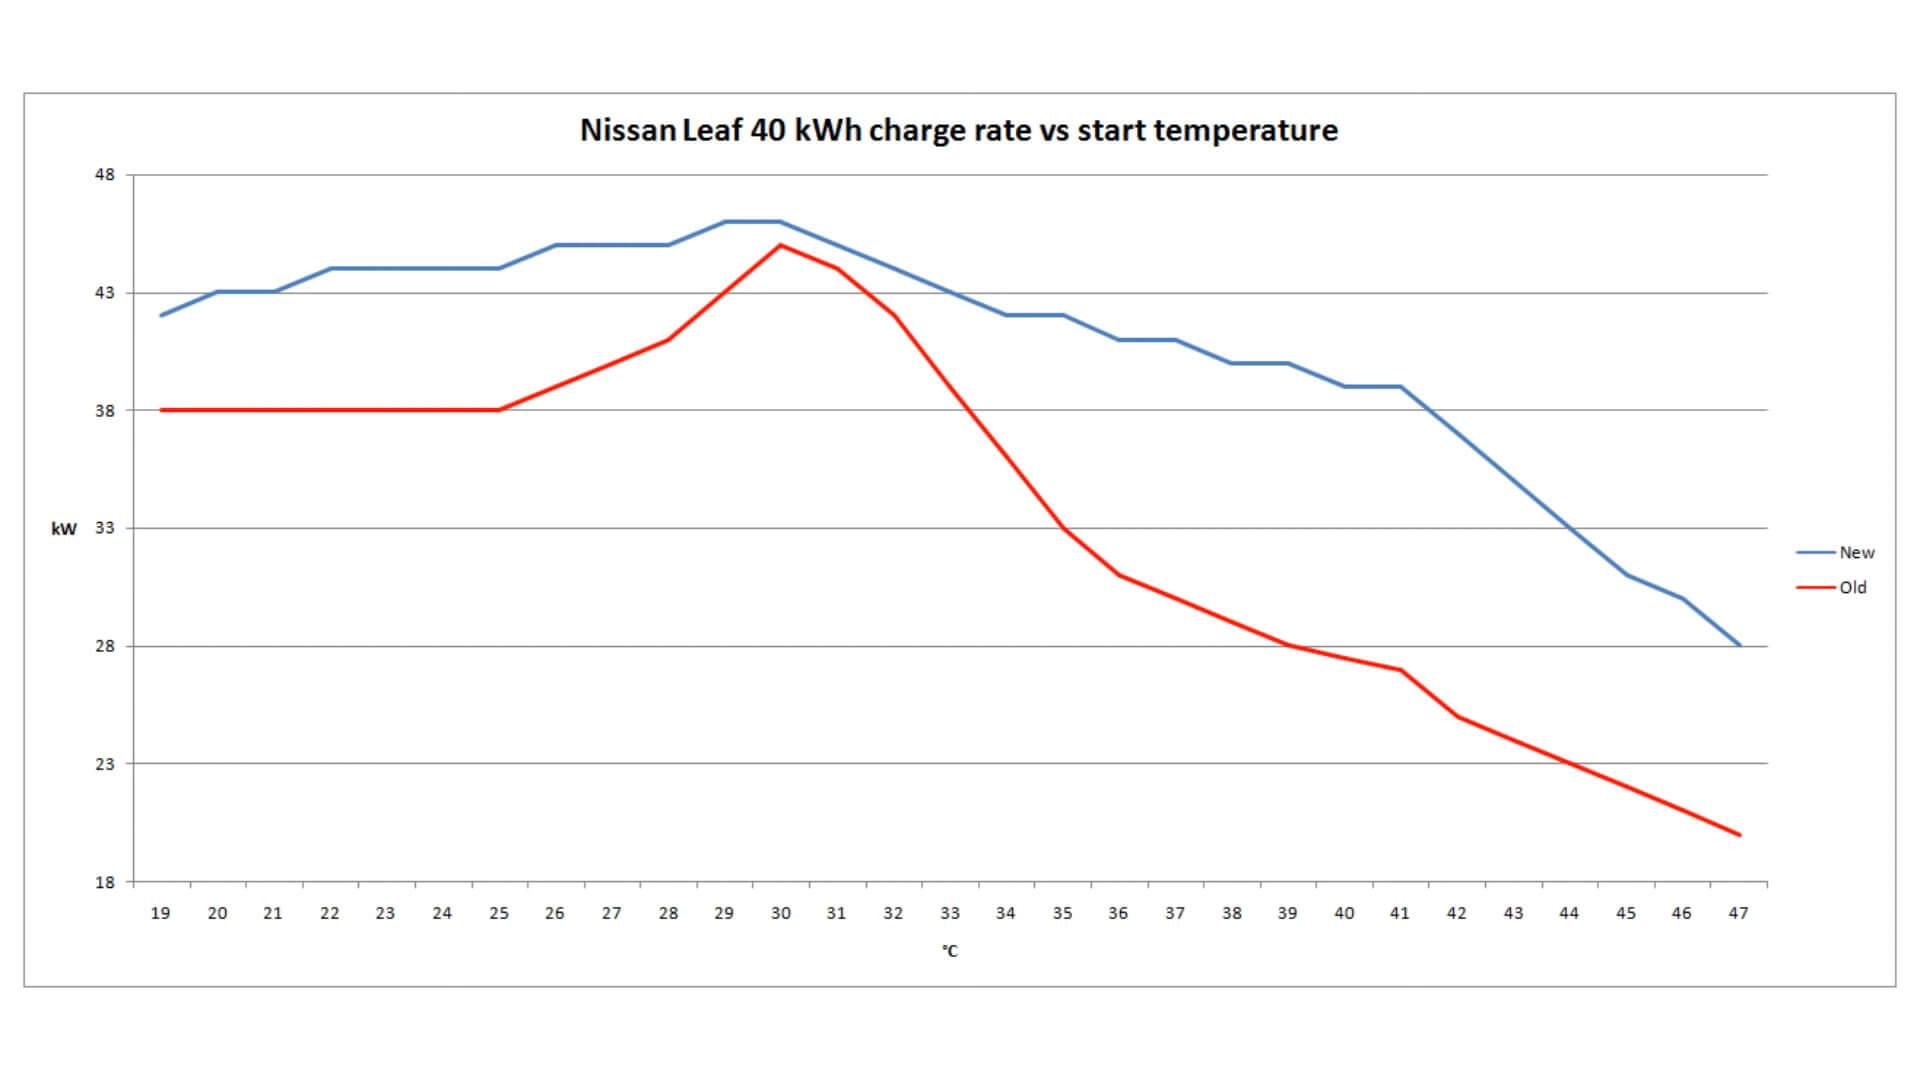 Бьорн Ниланд сравнивает кривые зарядки доипосле обновления программного обеспечения